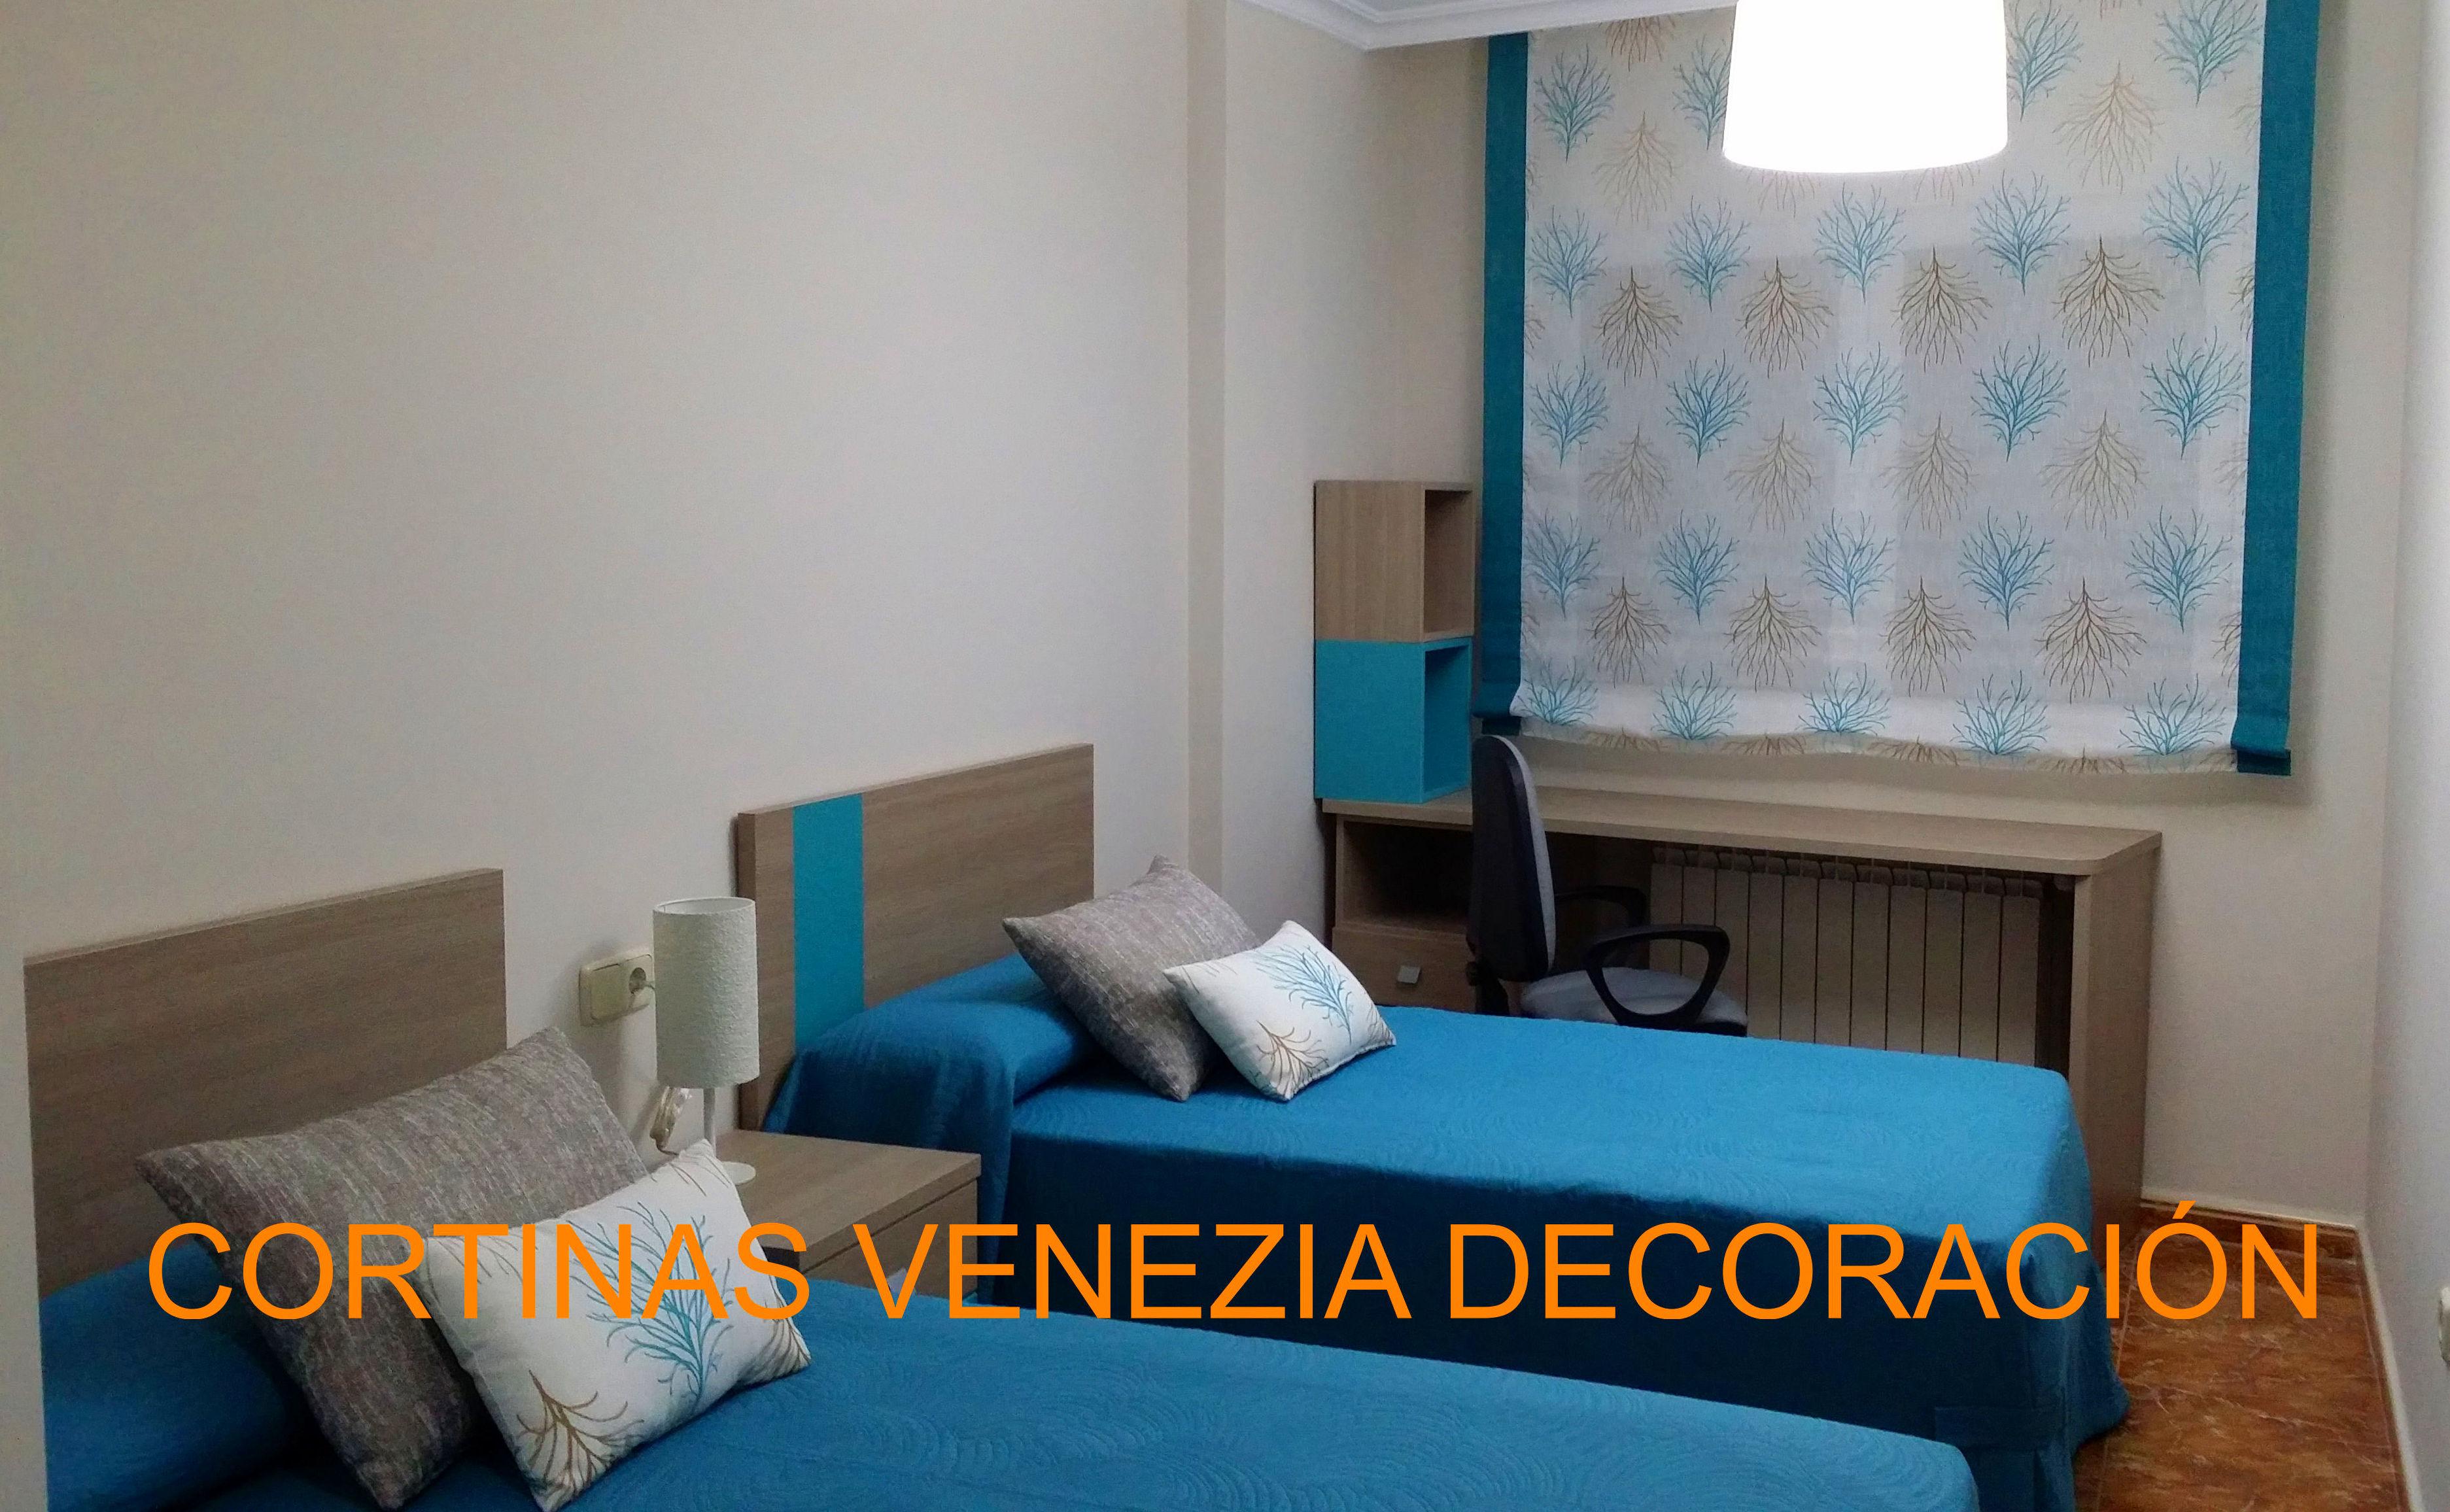 Foto 129 de Cortinas en Albacete | Venezia Decoración